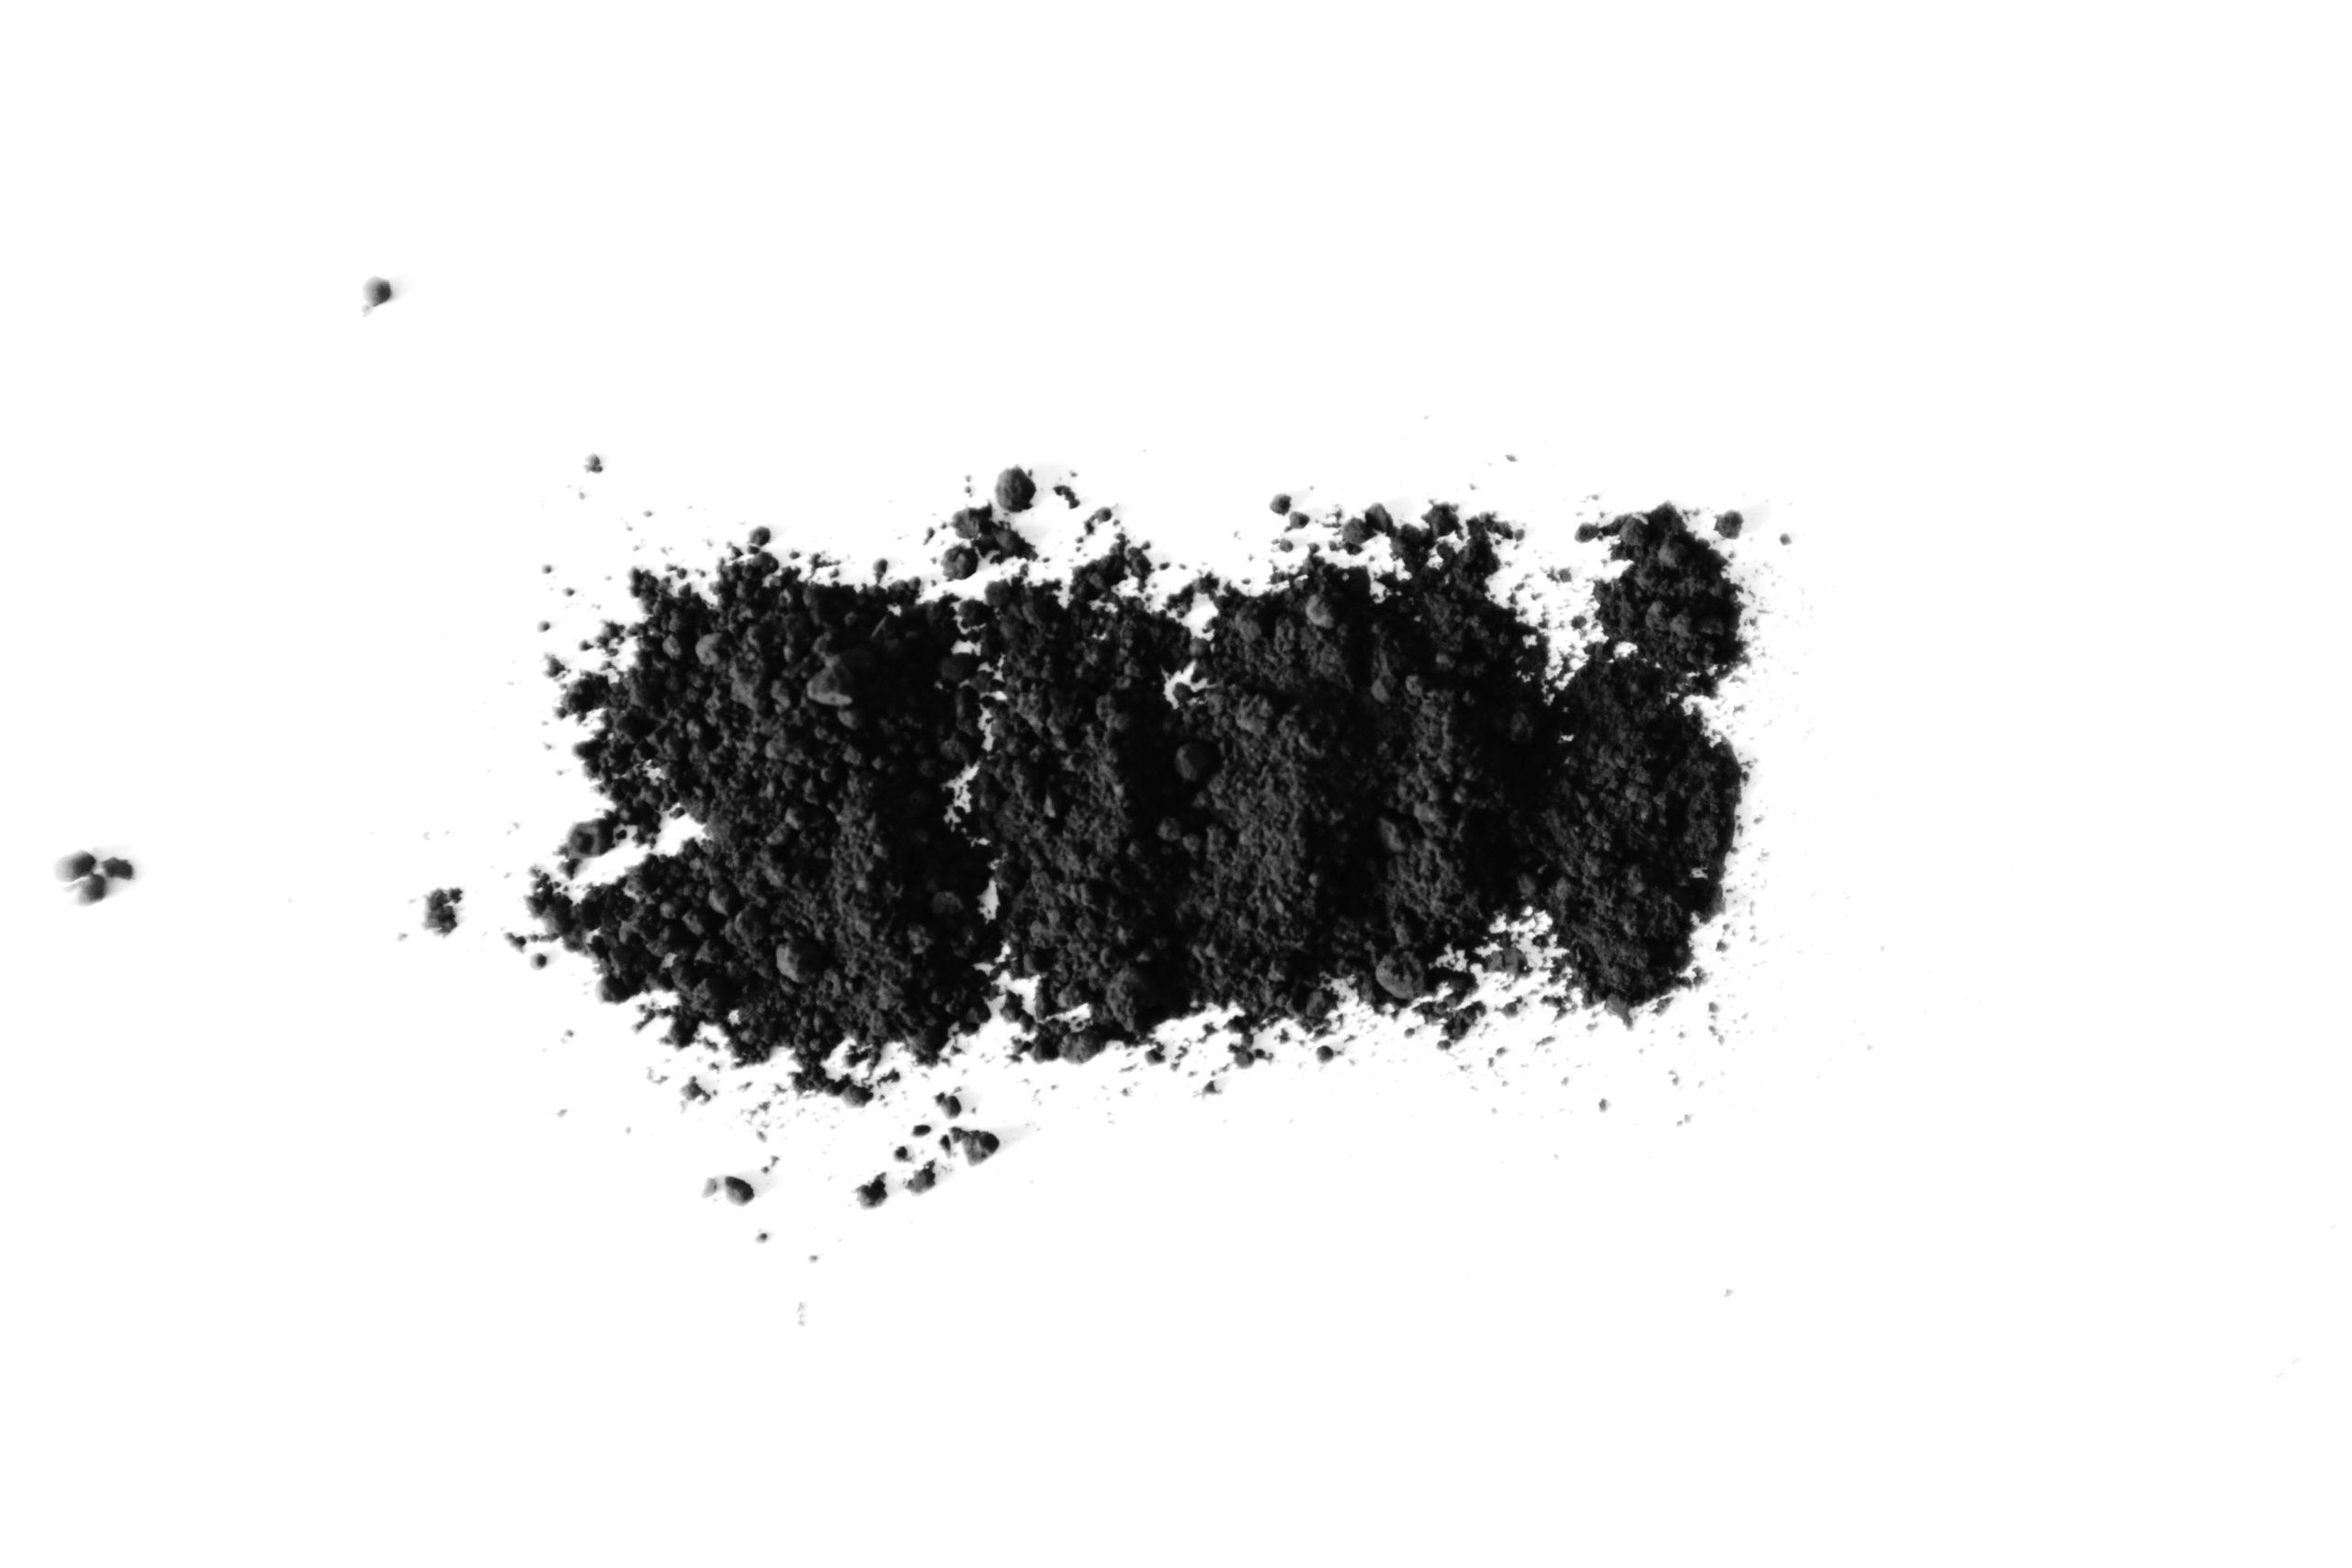 čištění zubů černým uhlím